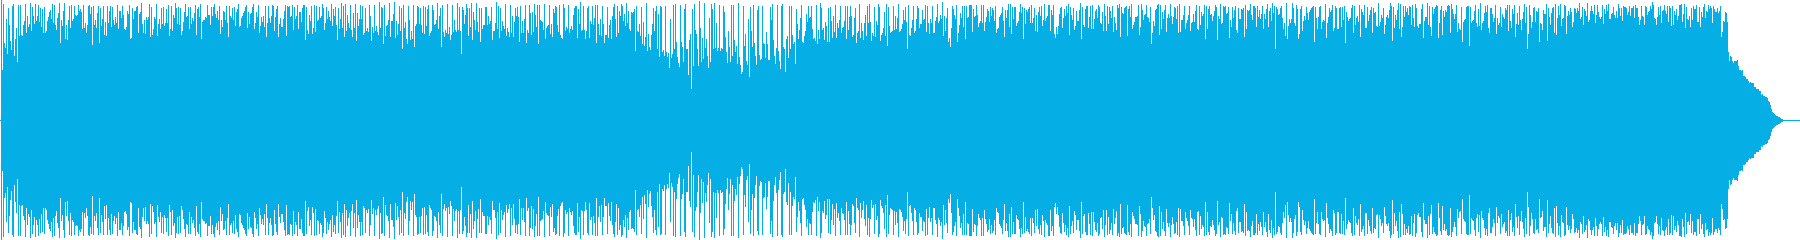 はじける印象のドラム・ギターサウンドの再生済みの波形